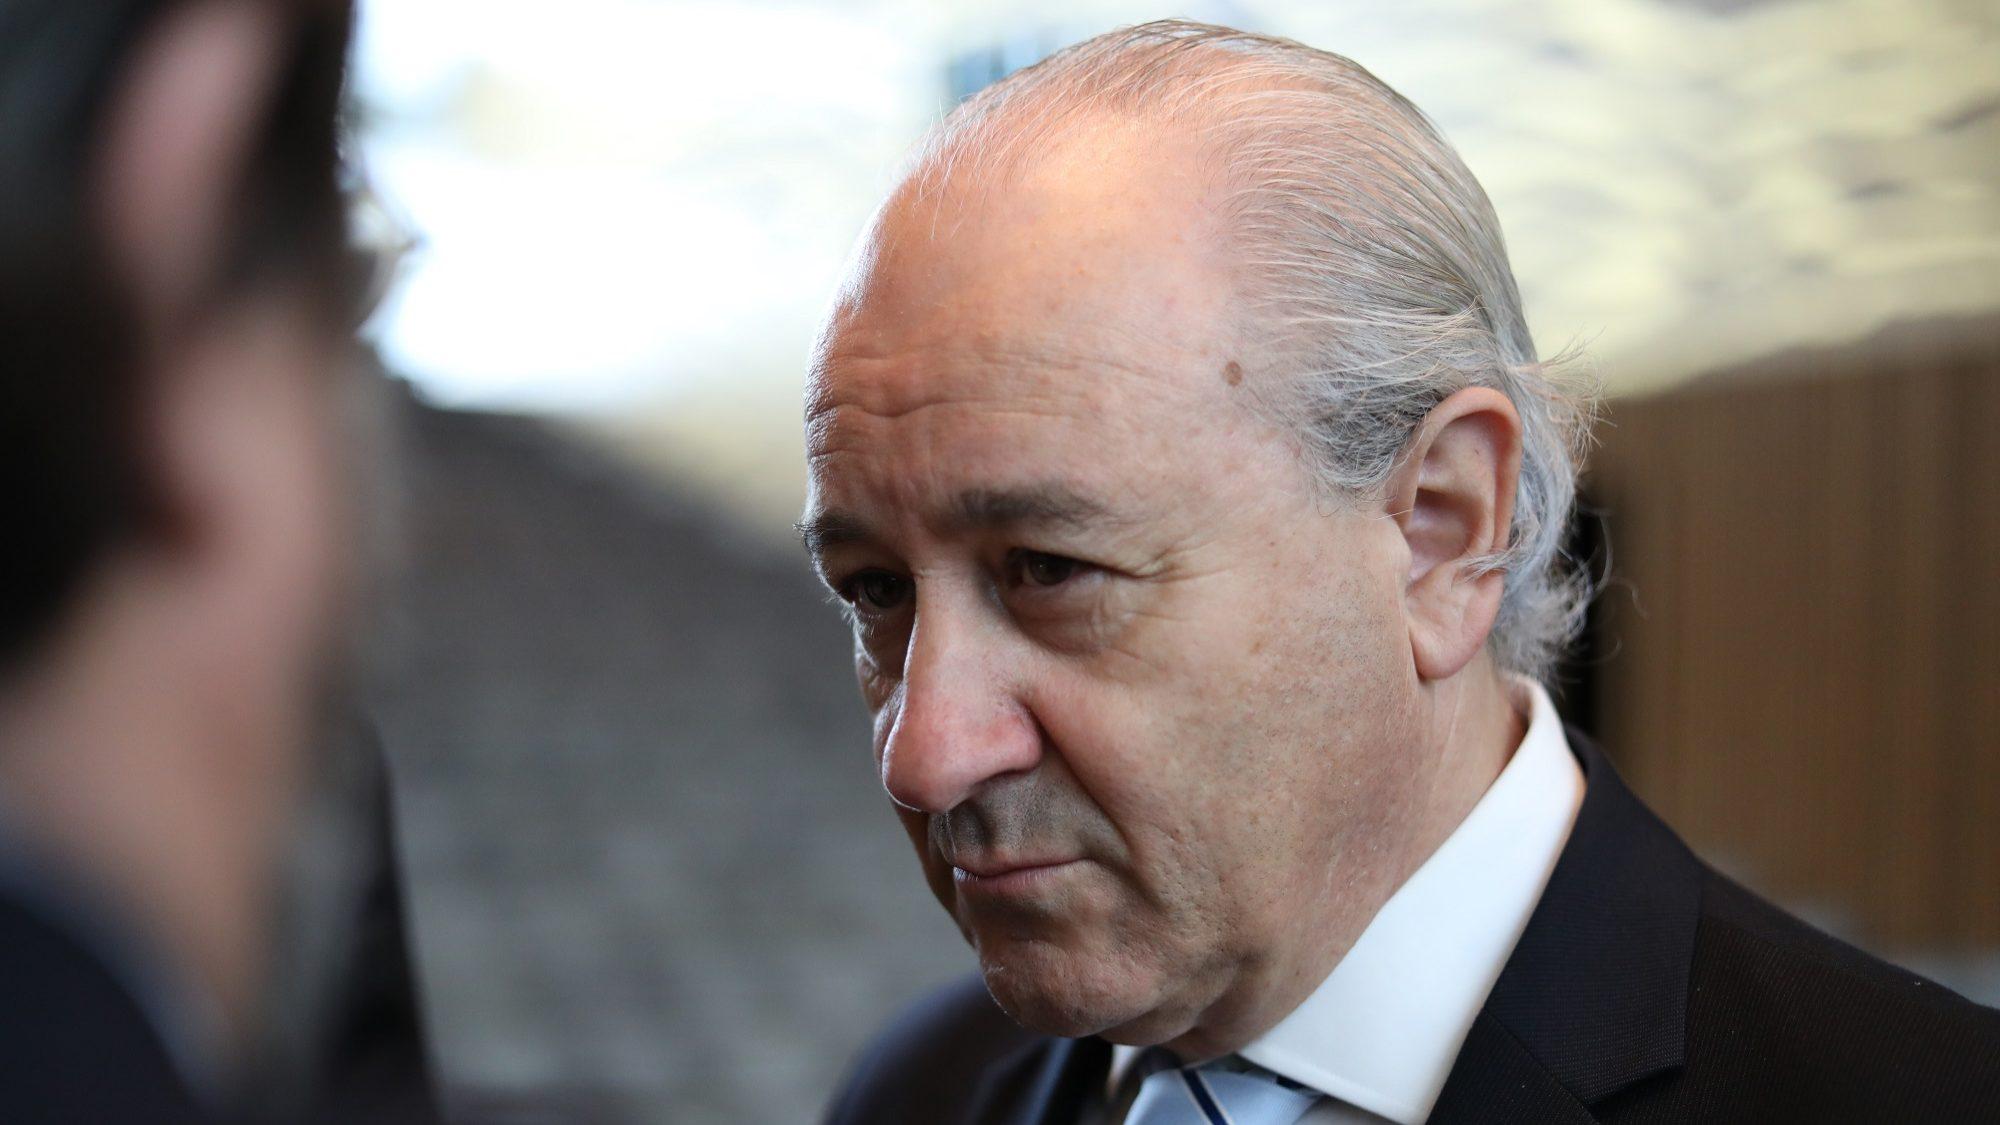 Reunião magna do PSD abre com despedida de Passos e discurso inaugural de Rui Rio